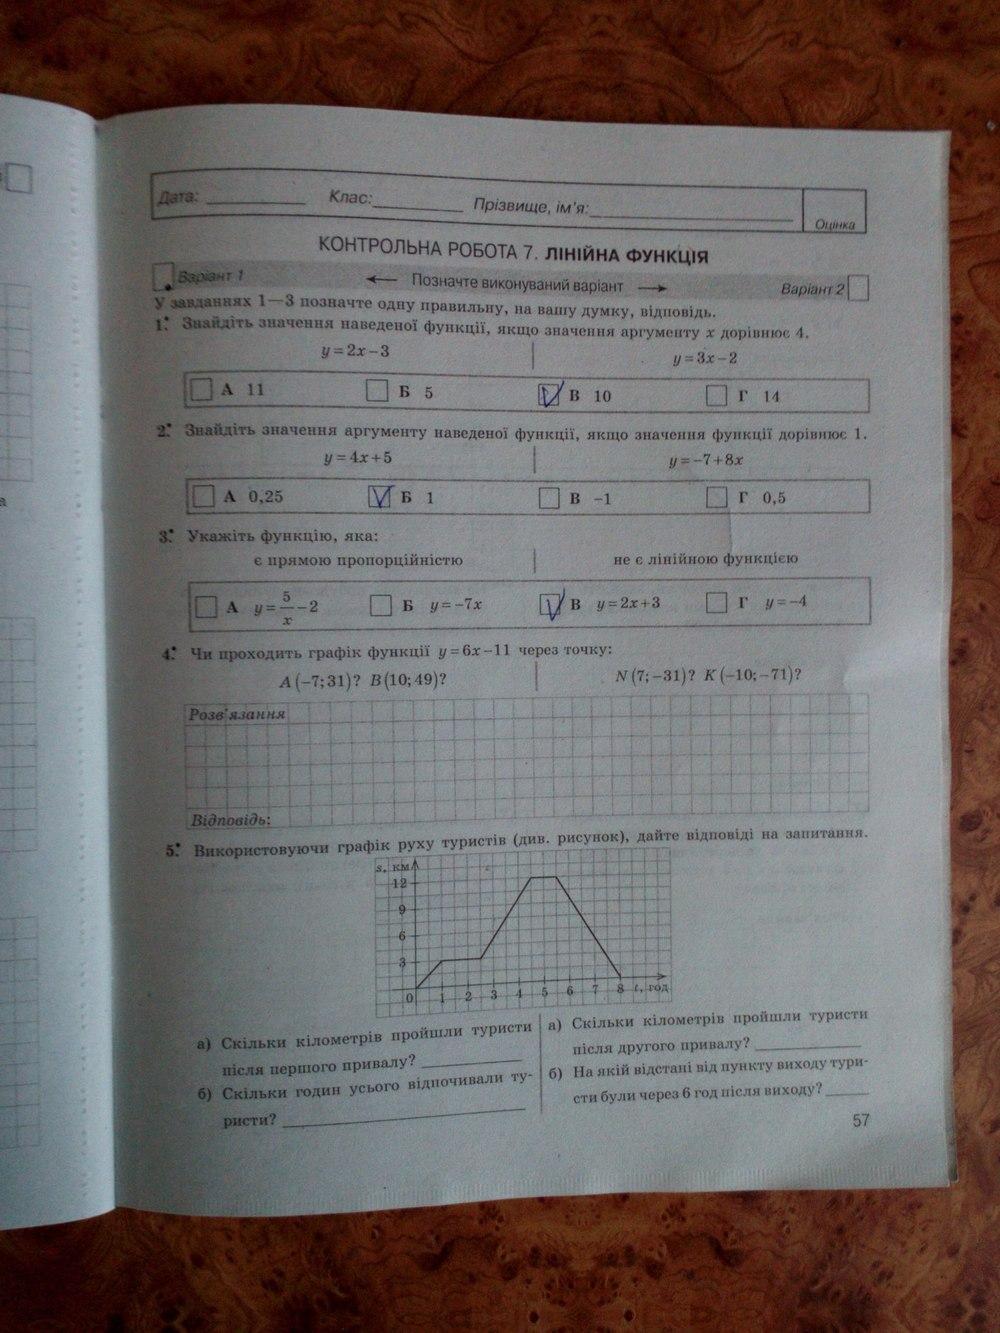 ГДЗ відповіді робочий зошит по алгебре 7 класс Стадник Л.Г., Роганін О.М.. Задание: стр. 57